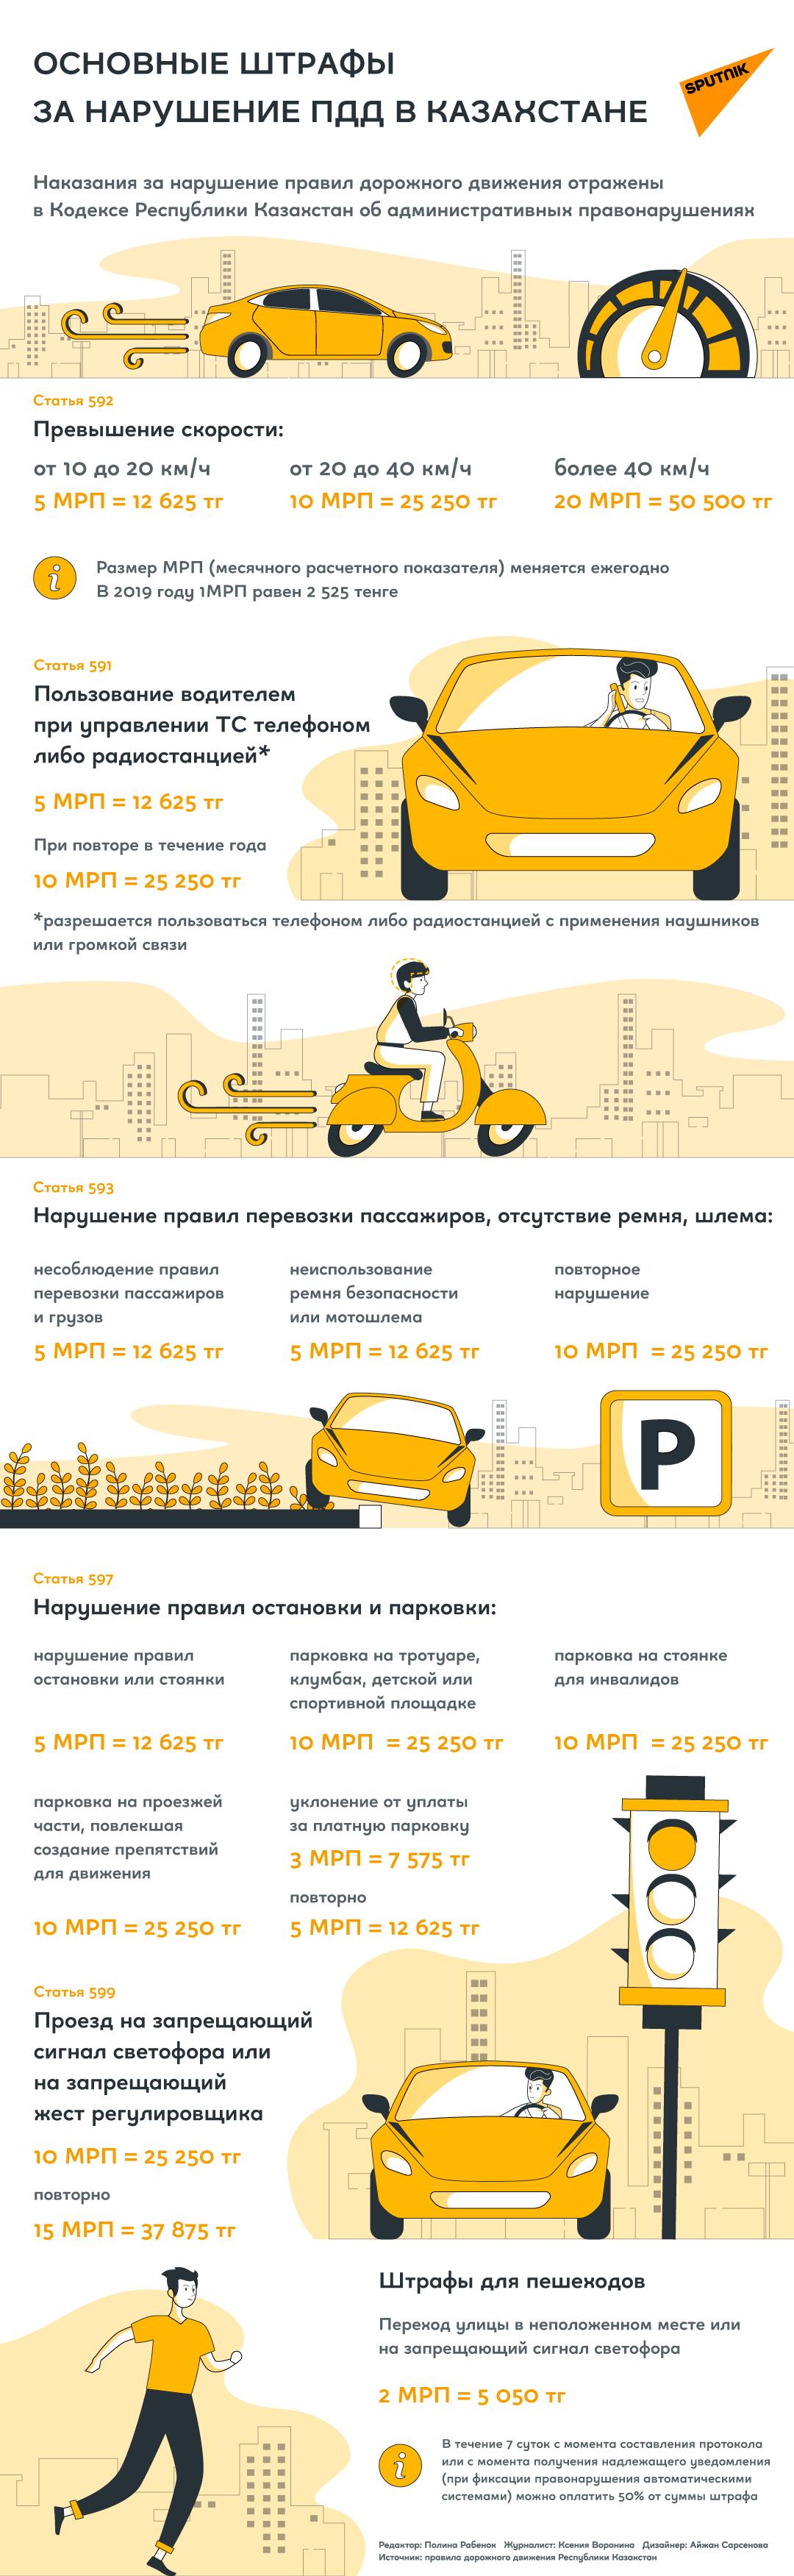 Штрафы за нарушения ПДД в Казахстане